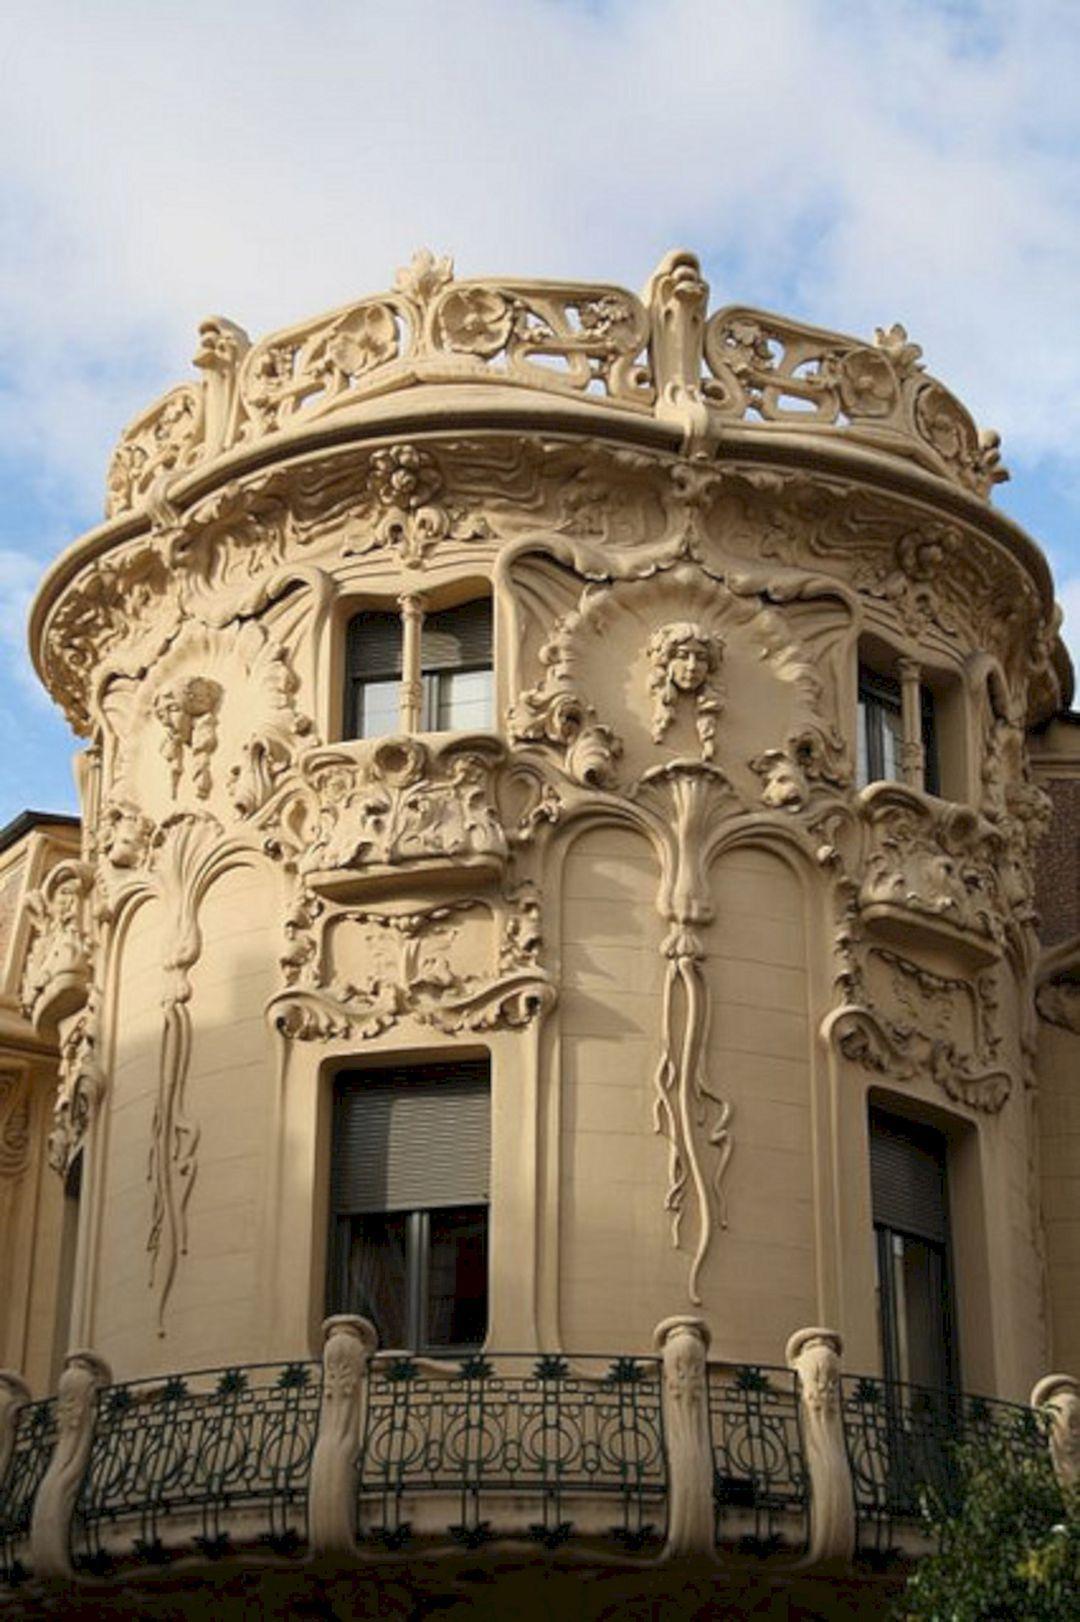 Art Nouveau Architecture 3 (Art Nouveau Architecture 3) design ideas and photos